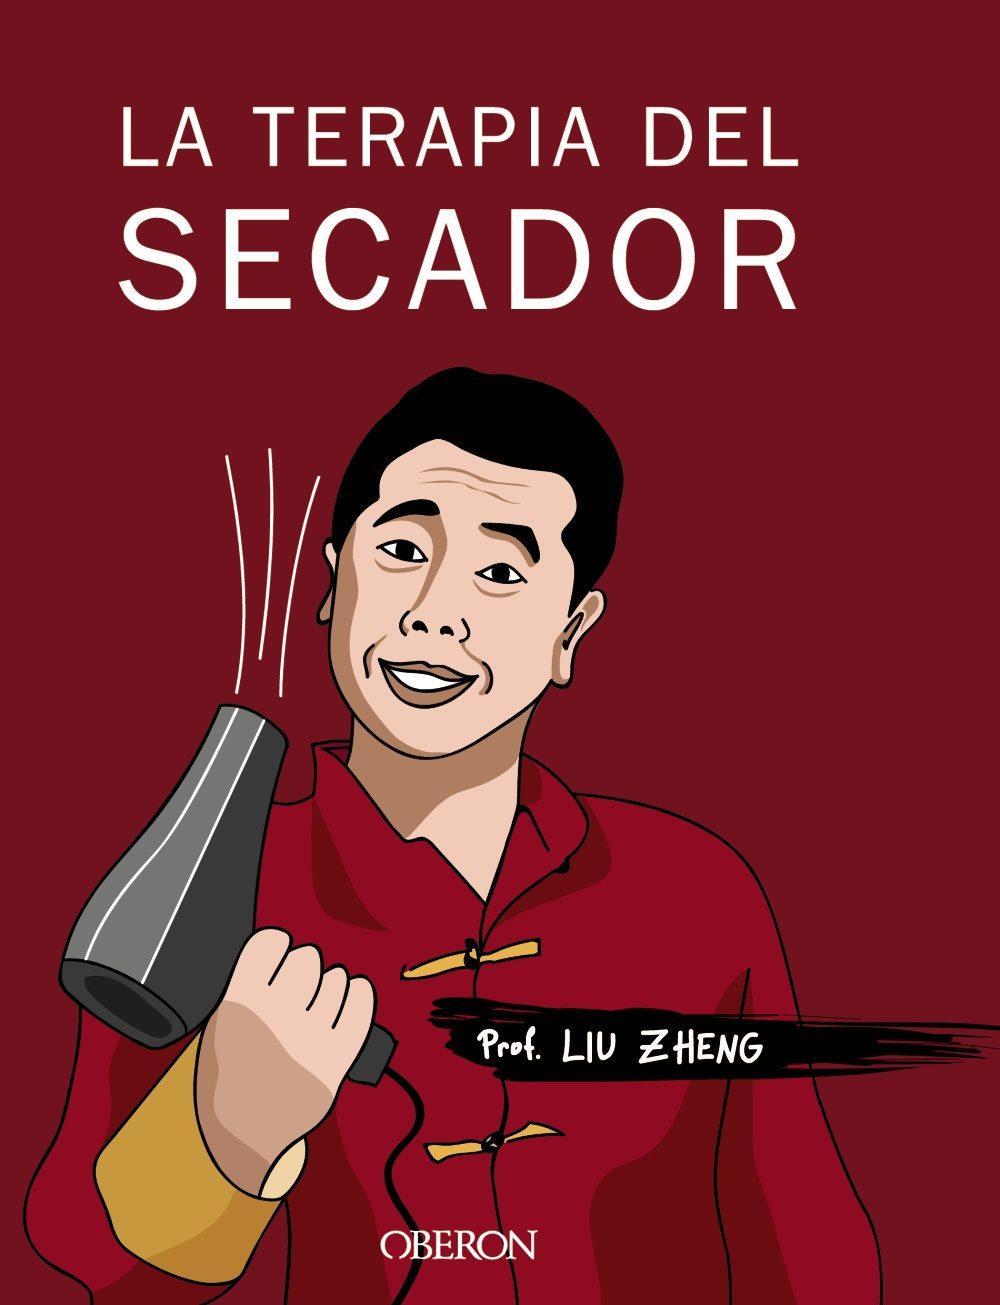 La terapia del secador - Libro Liu Zheng